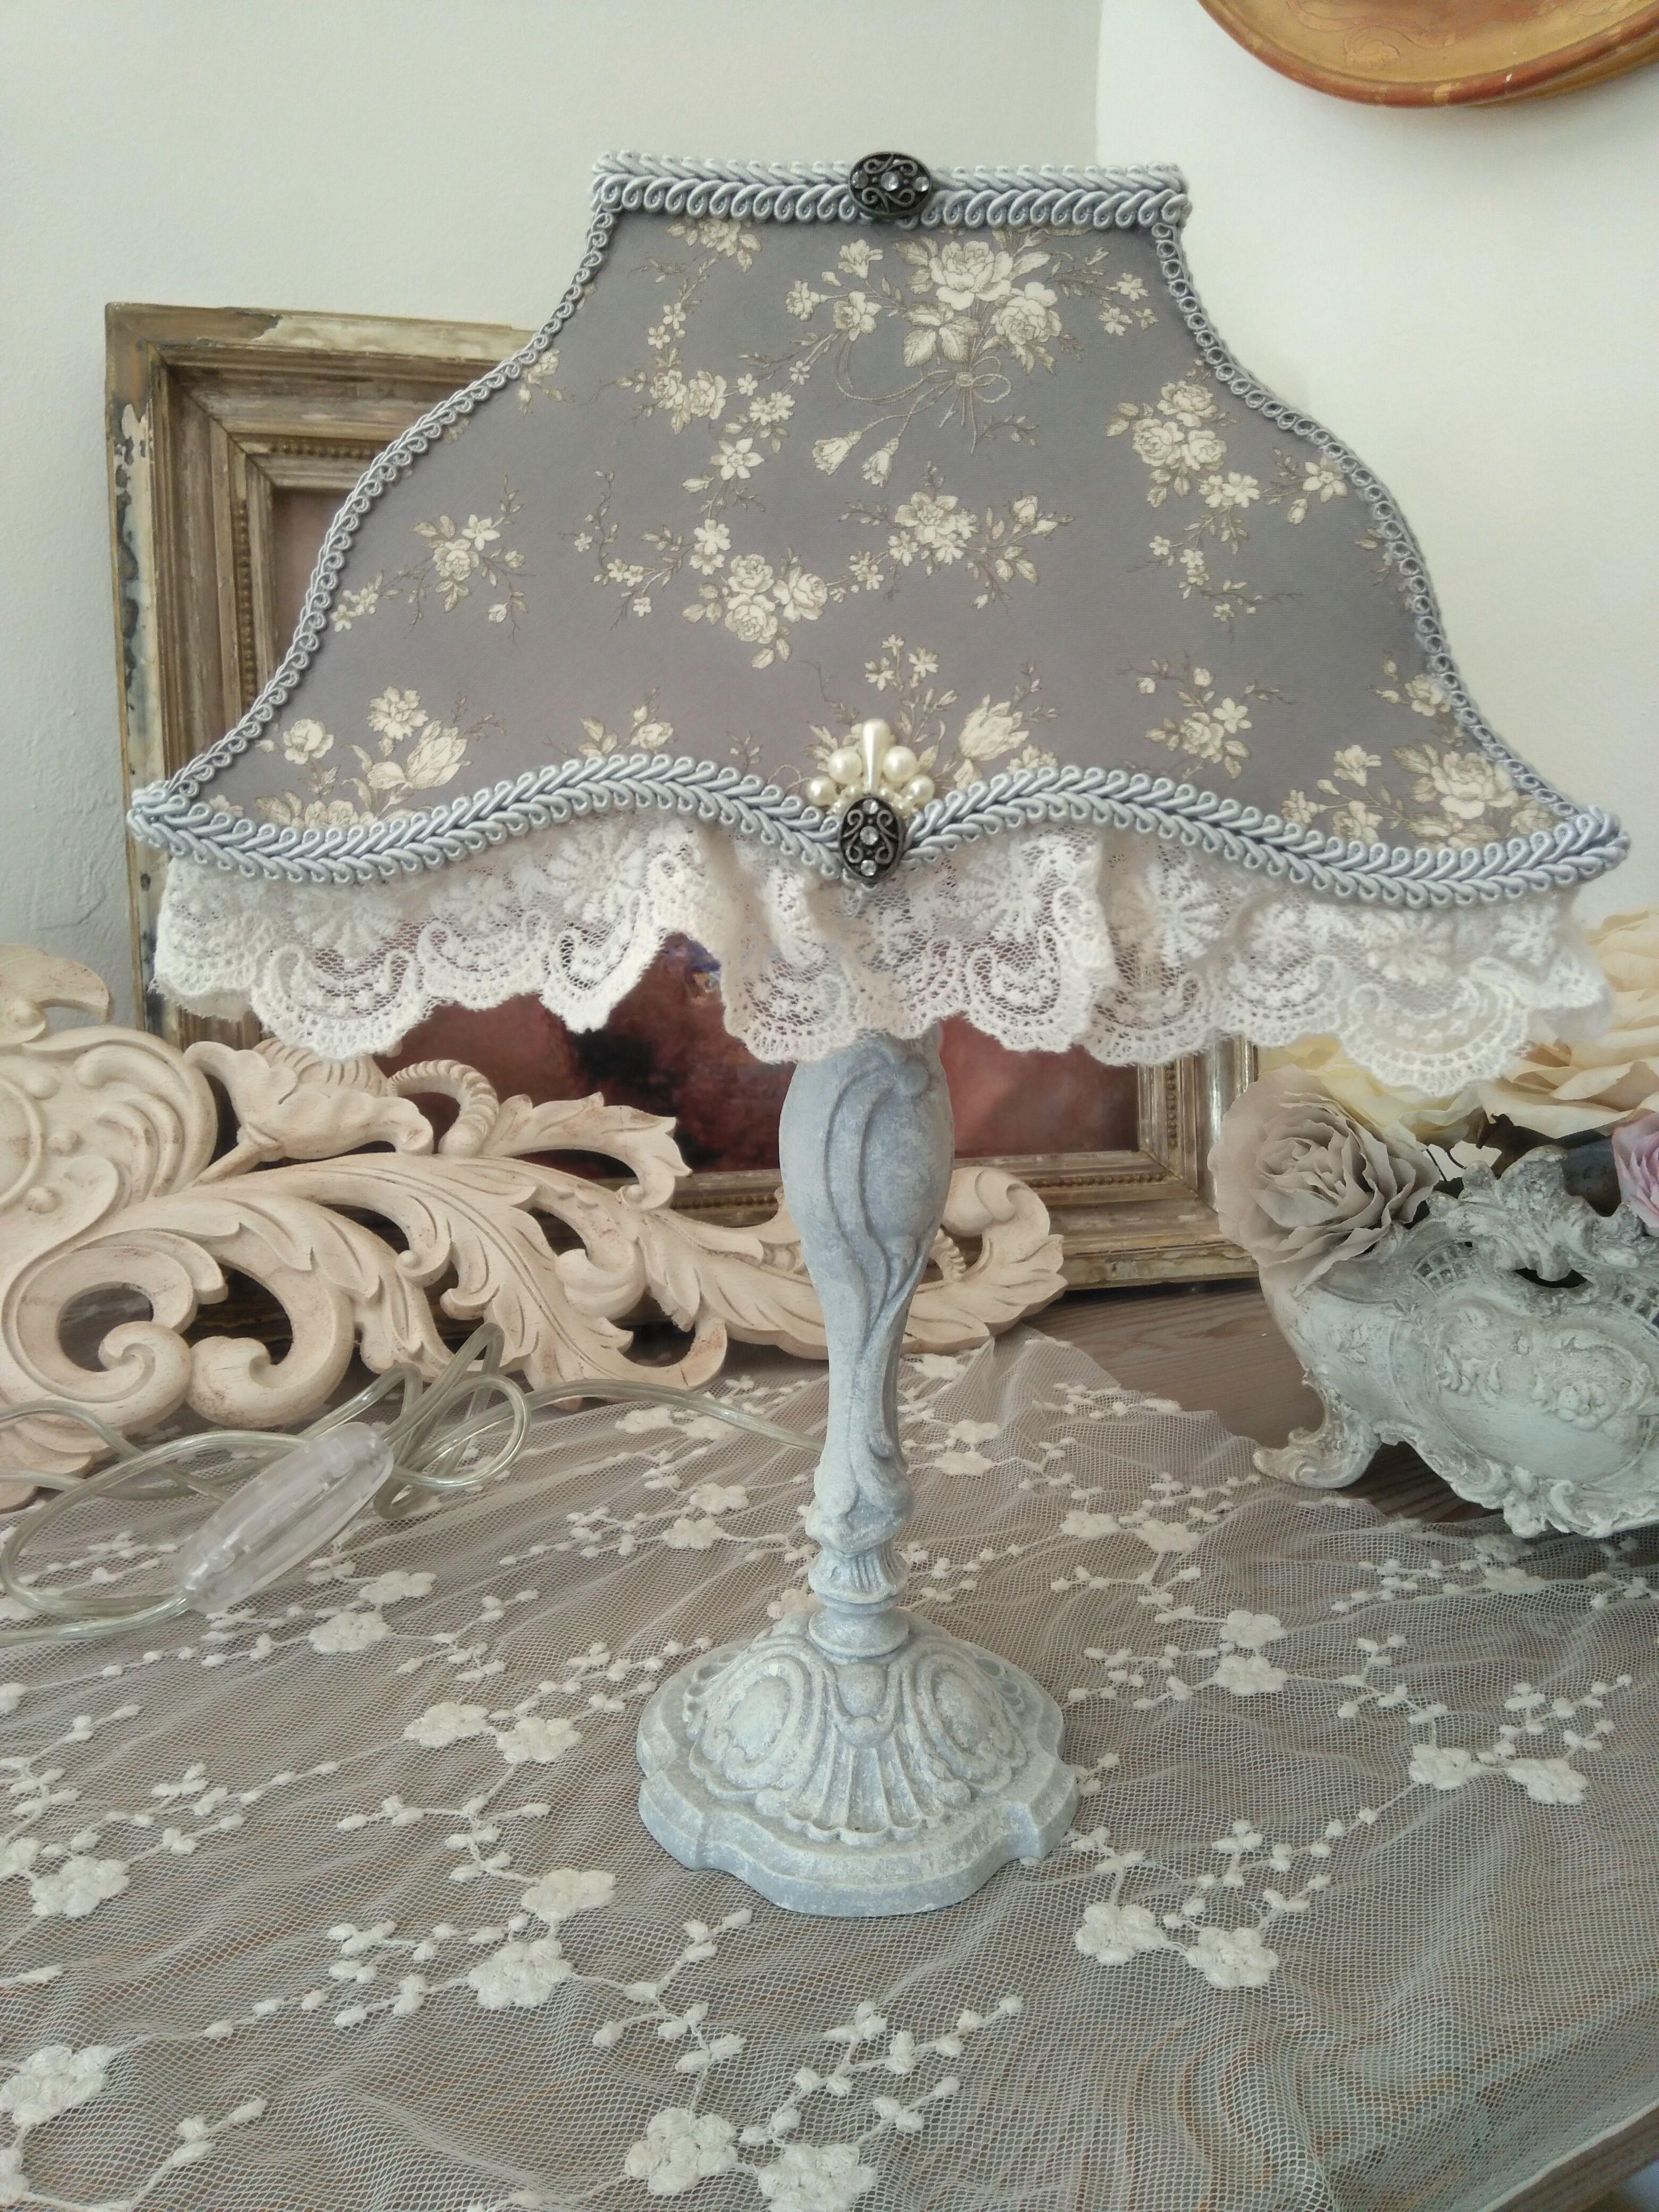 Lampe Romantique Pour Interieur Shabby Chic Ou Cosy Pied De Lampe